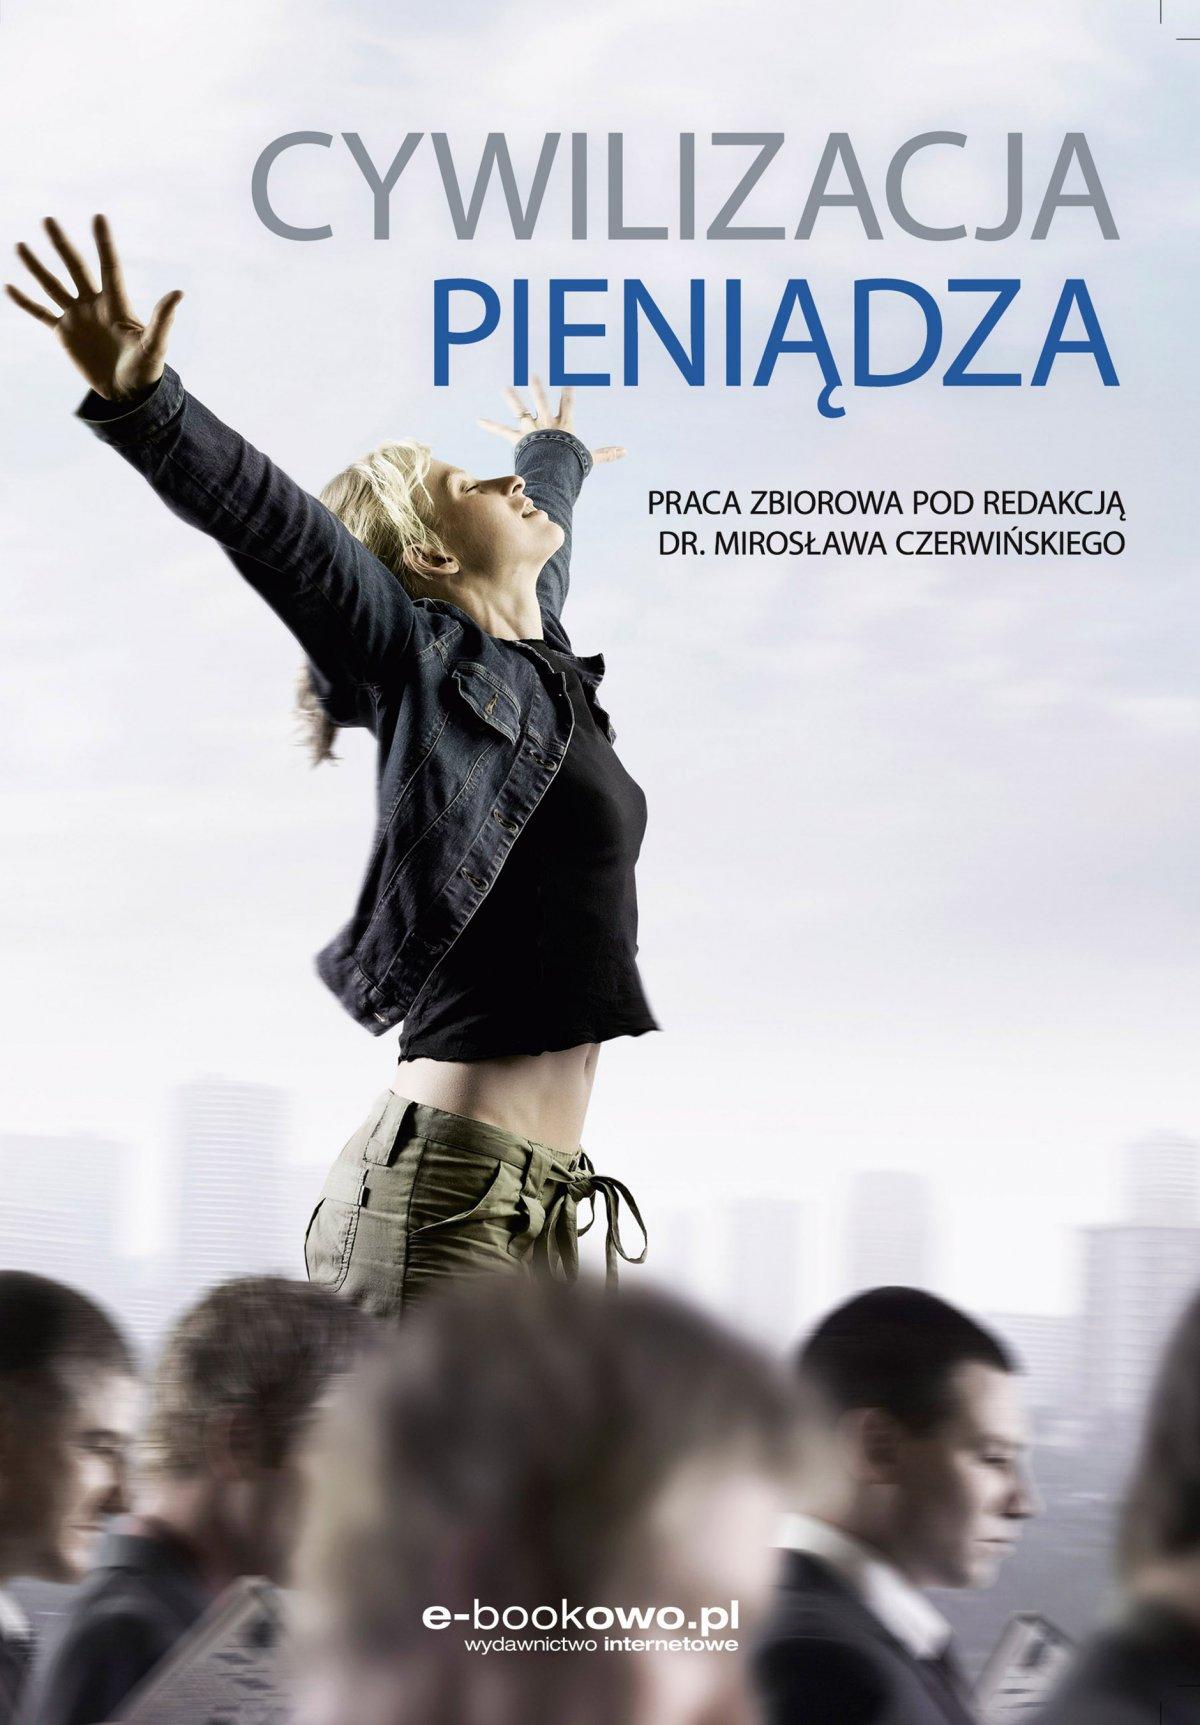 Cywilizacja pieniądza - Ebook (Książka PDF) do pobrania w formacie PDF